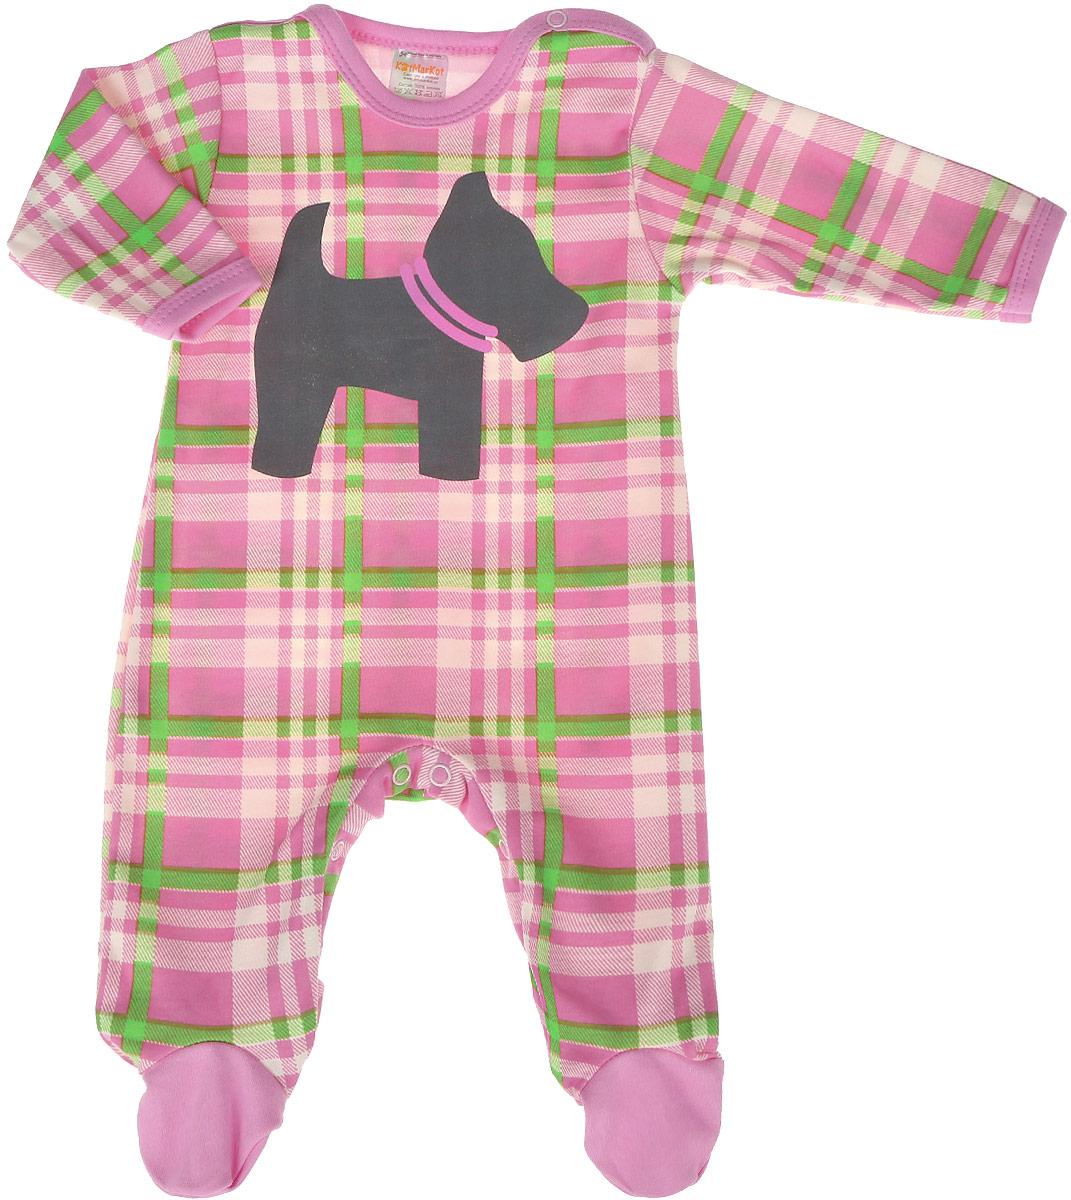 Комбинезон домашний для девочки КотМарКот, цвет: розовый. 6413. Размер 566413Комбинезон домашний для девочки КотМарКот выполнен из качественного материала. Модель с длинными рукавами застегивается на кнопки.